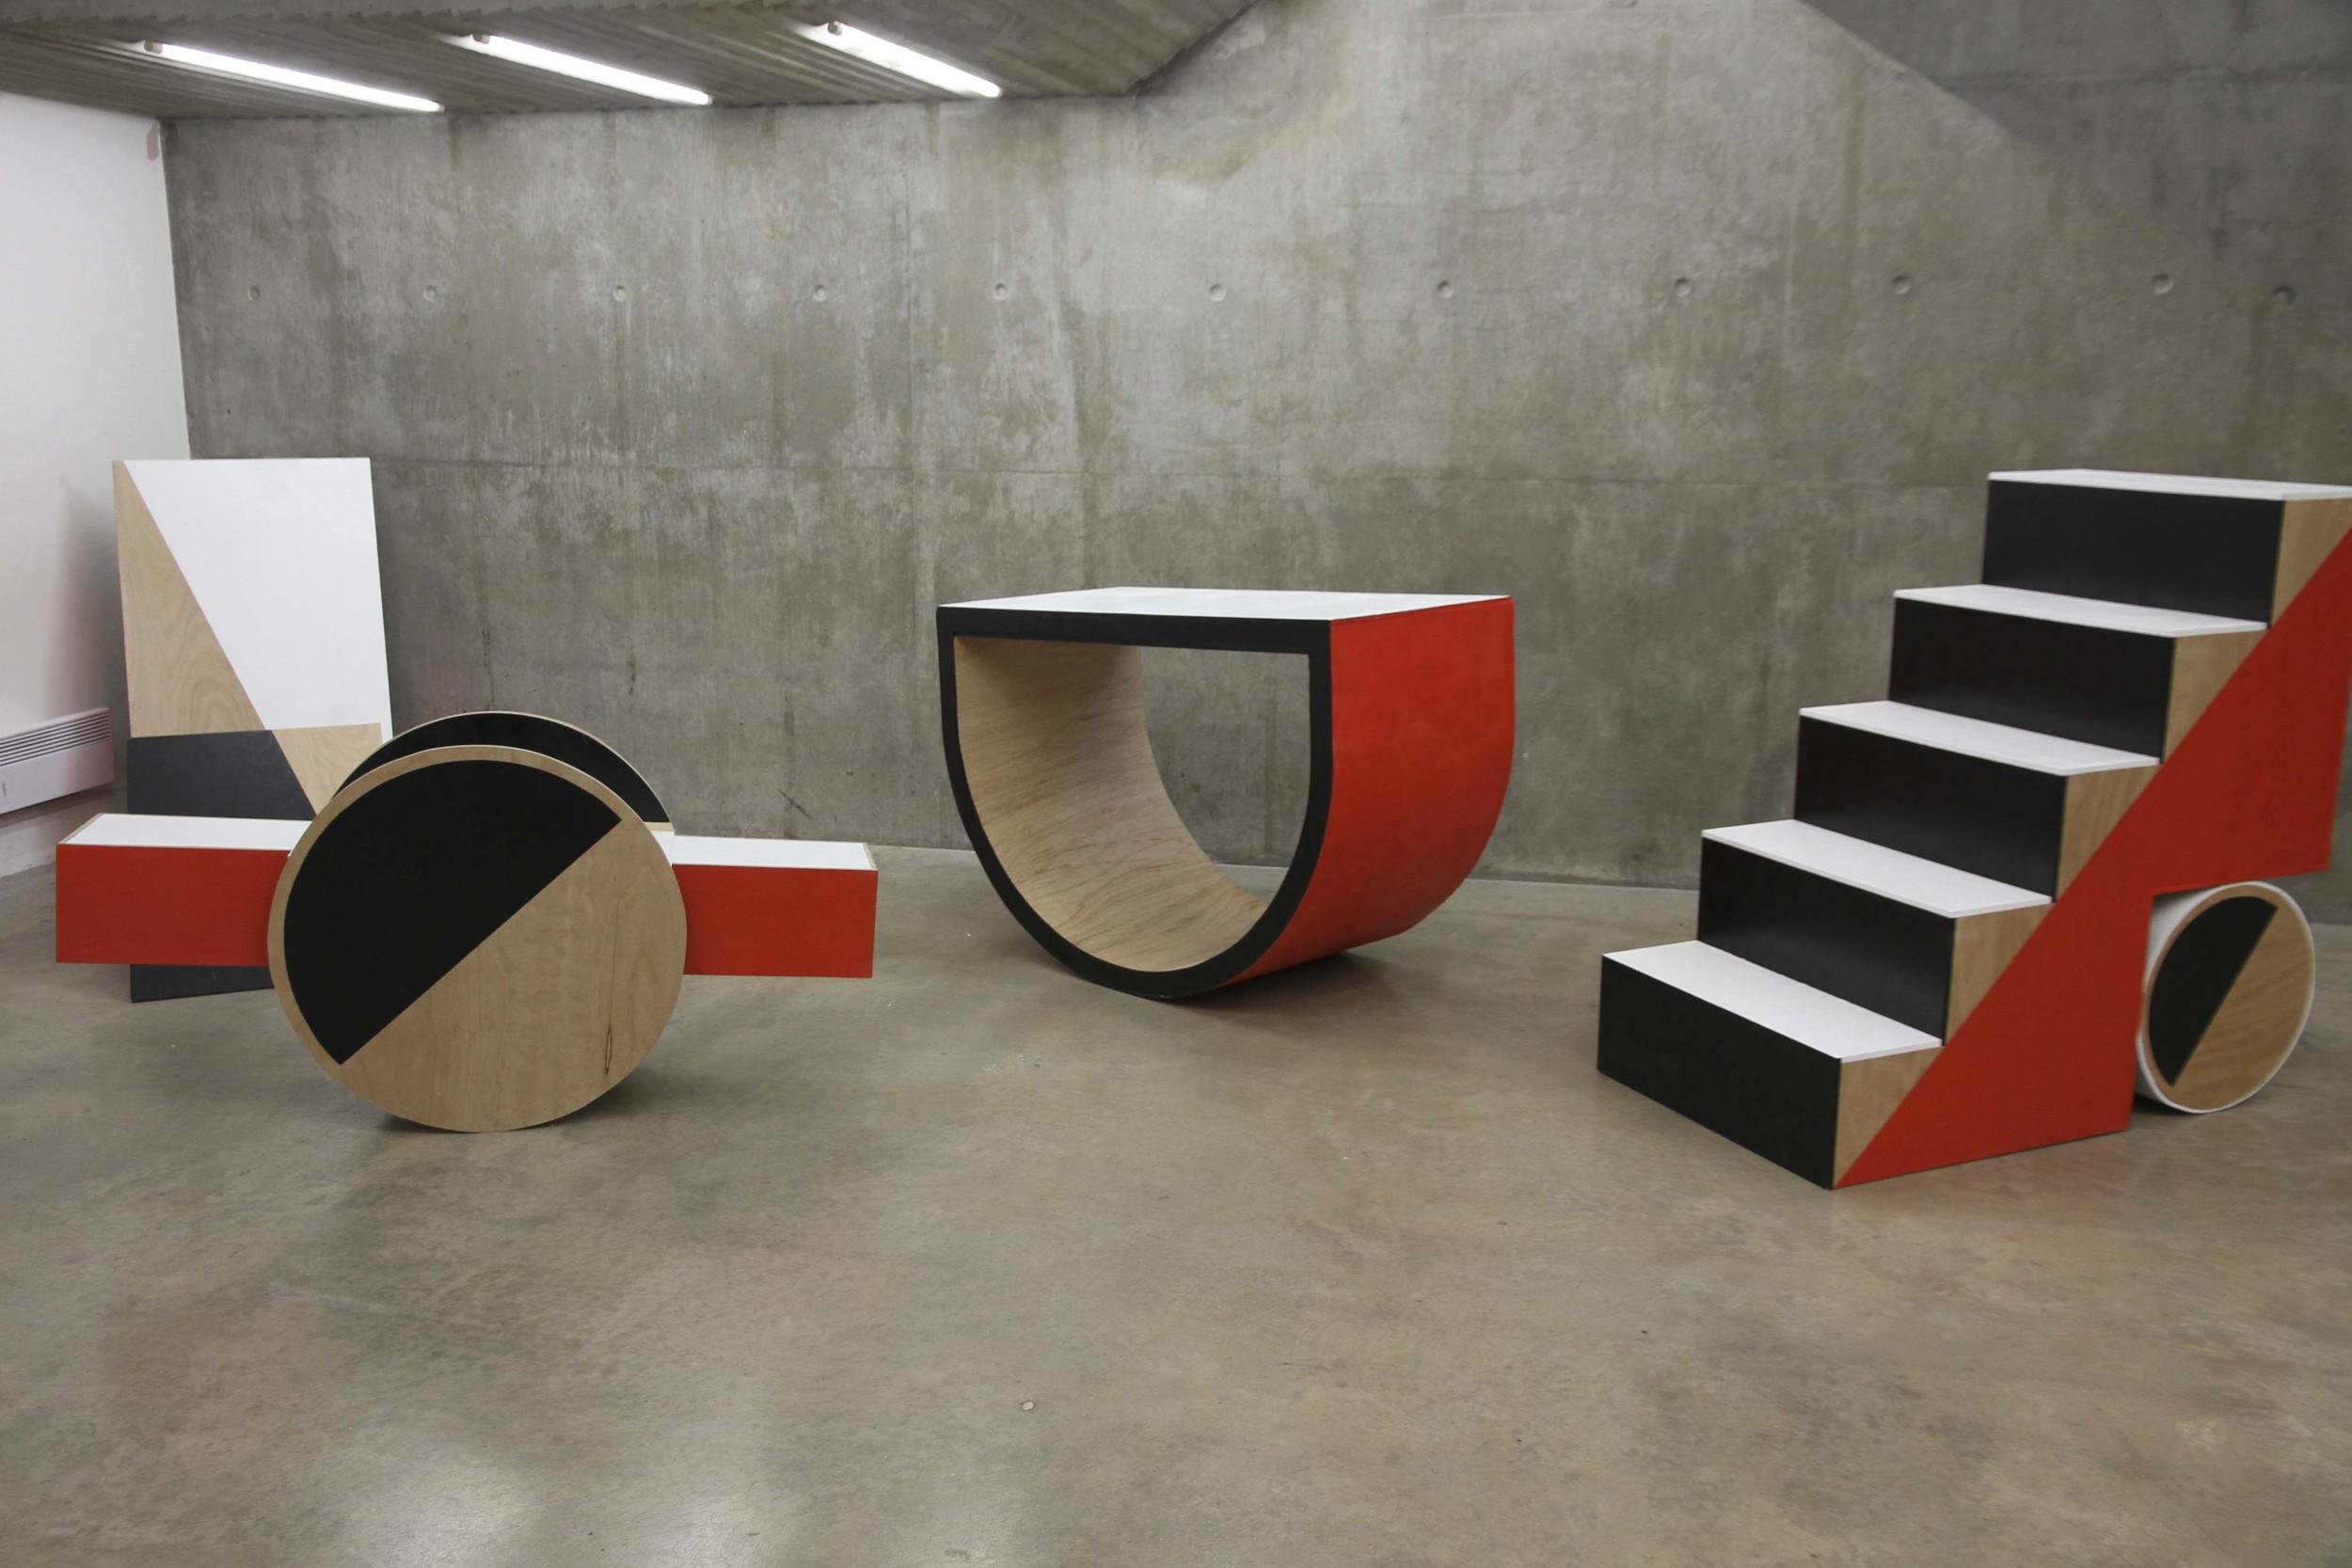 V&A_Constructivist_Playground_01.jpg